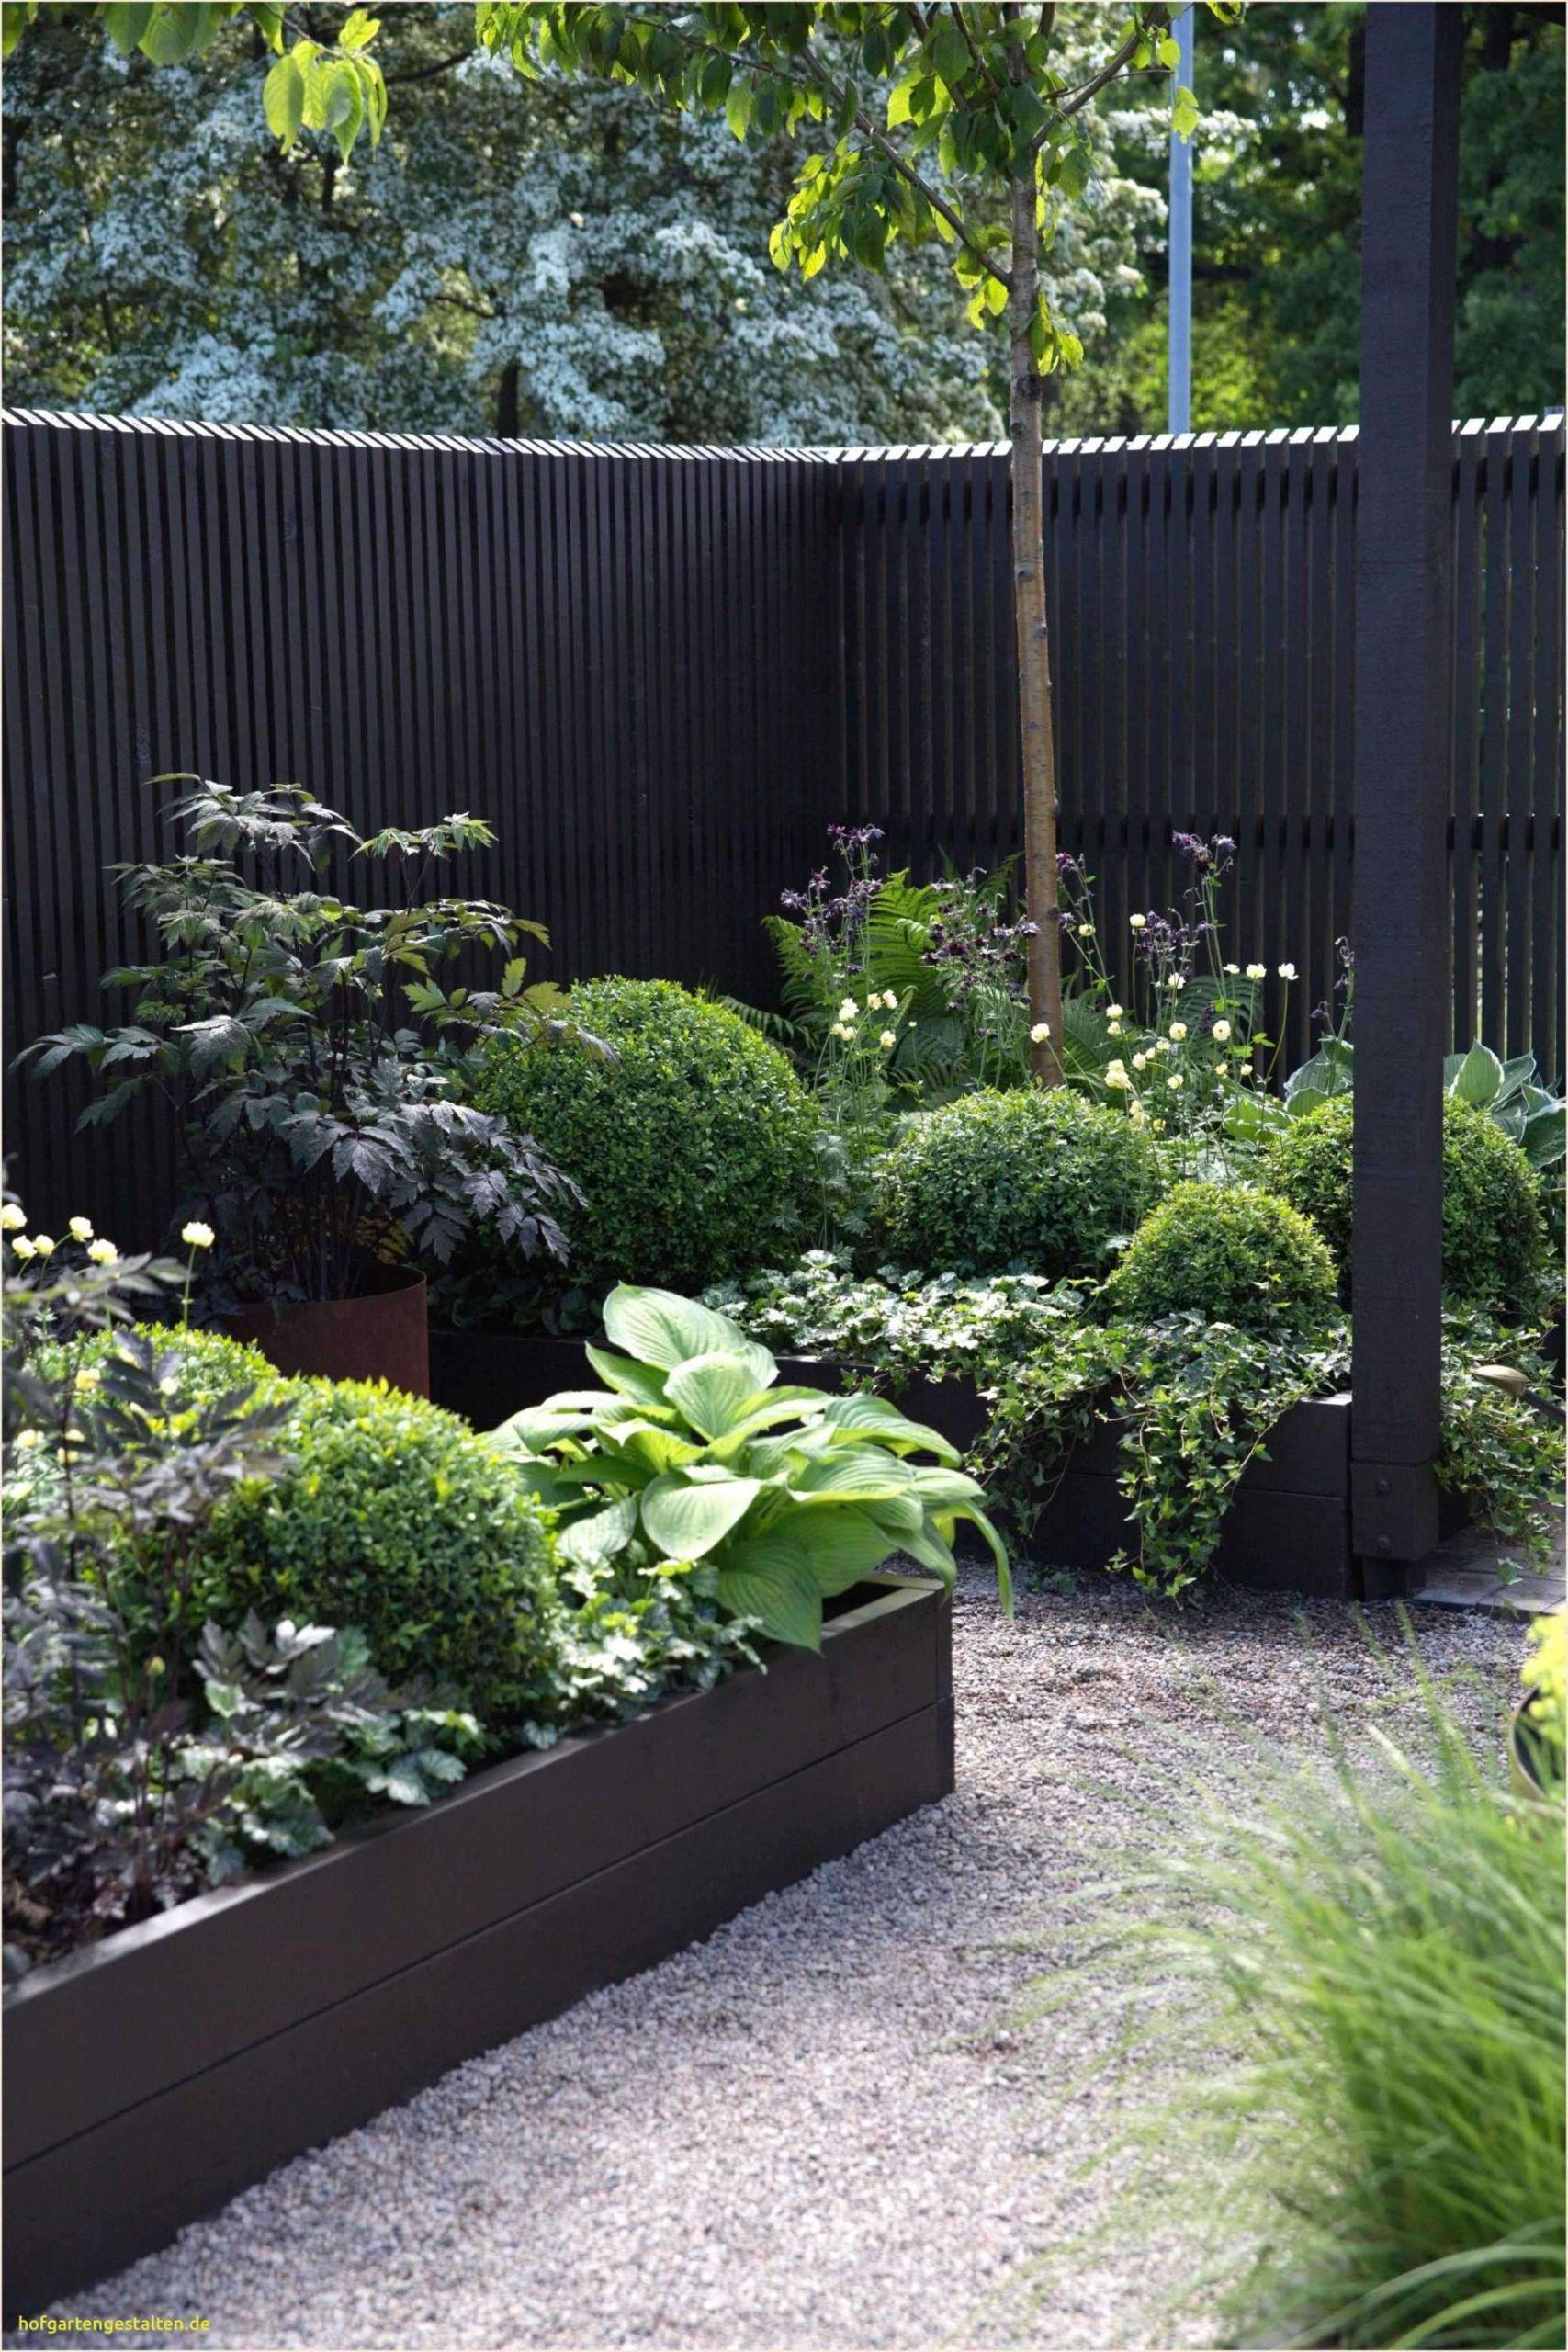 37 einzigartig mediterraner garten ideen wintergarten mediterran gestalten wintergarten mediterran gestalten